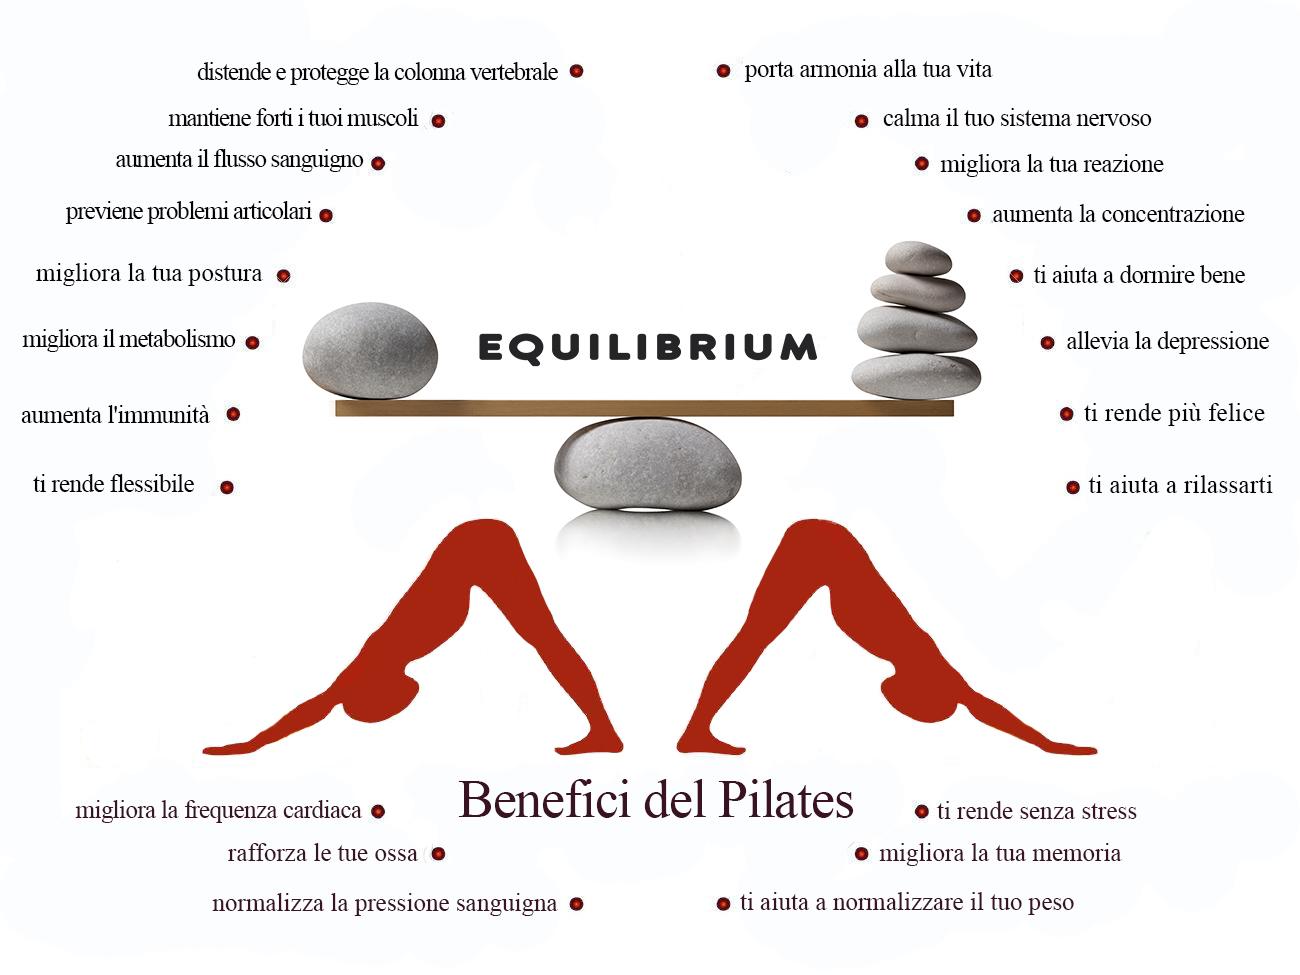 Pilates-e-benefici-fisici-della-pratica